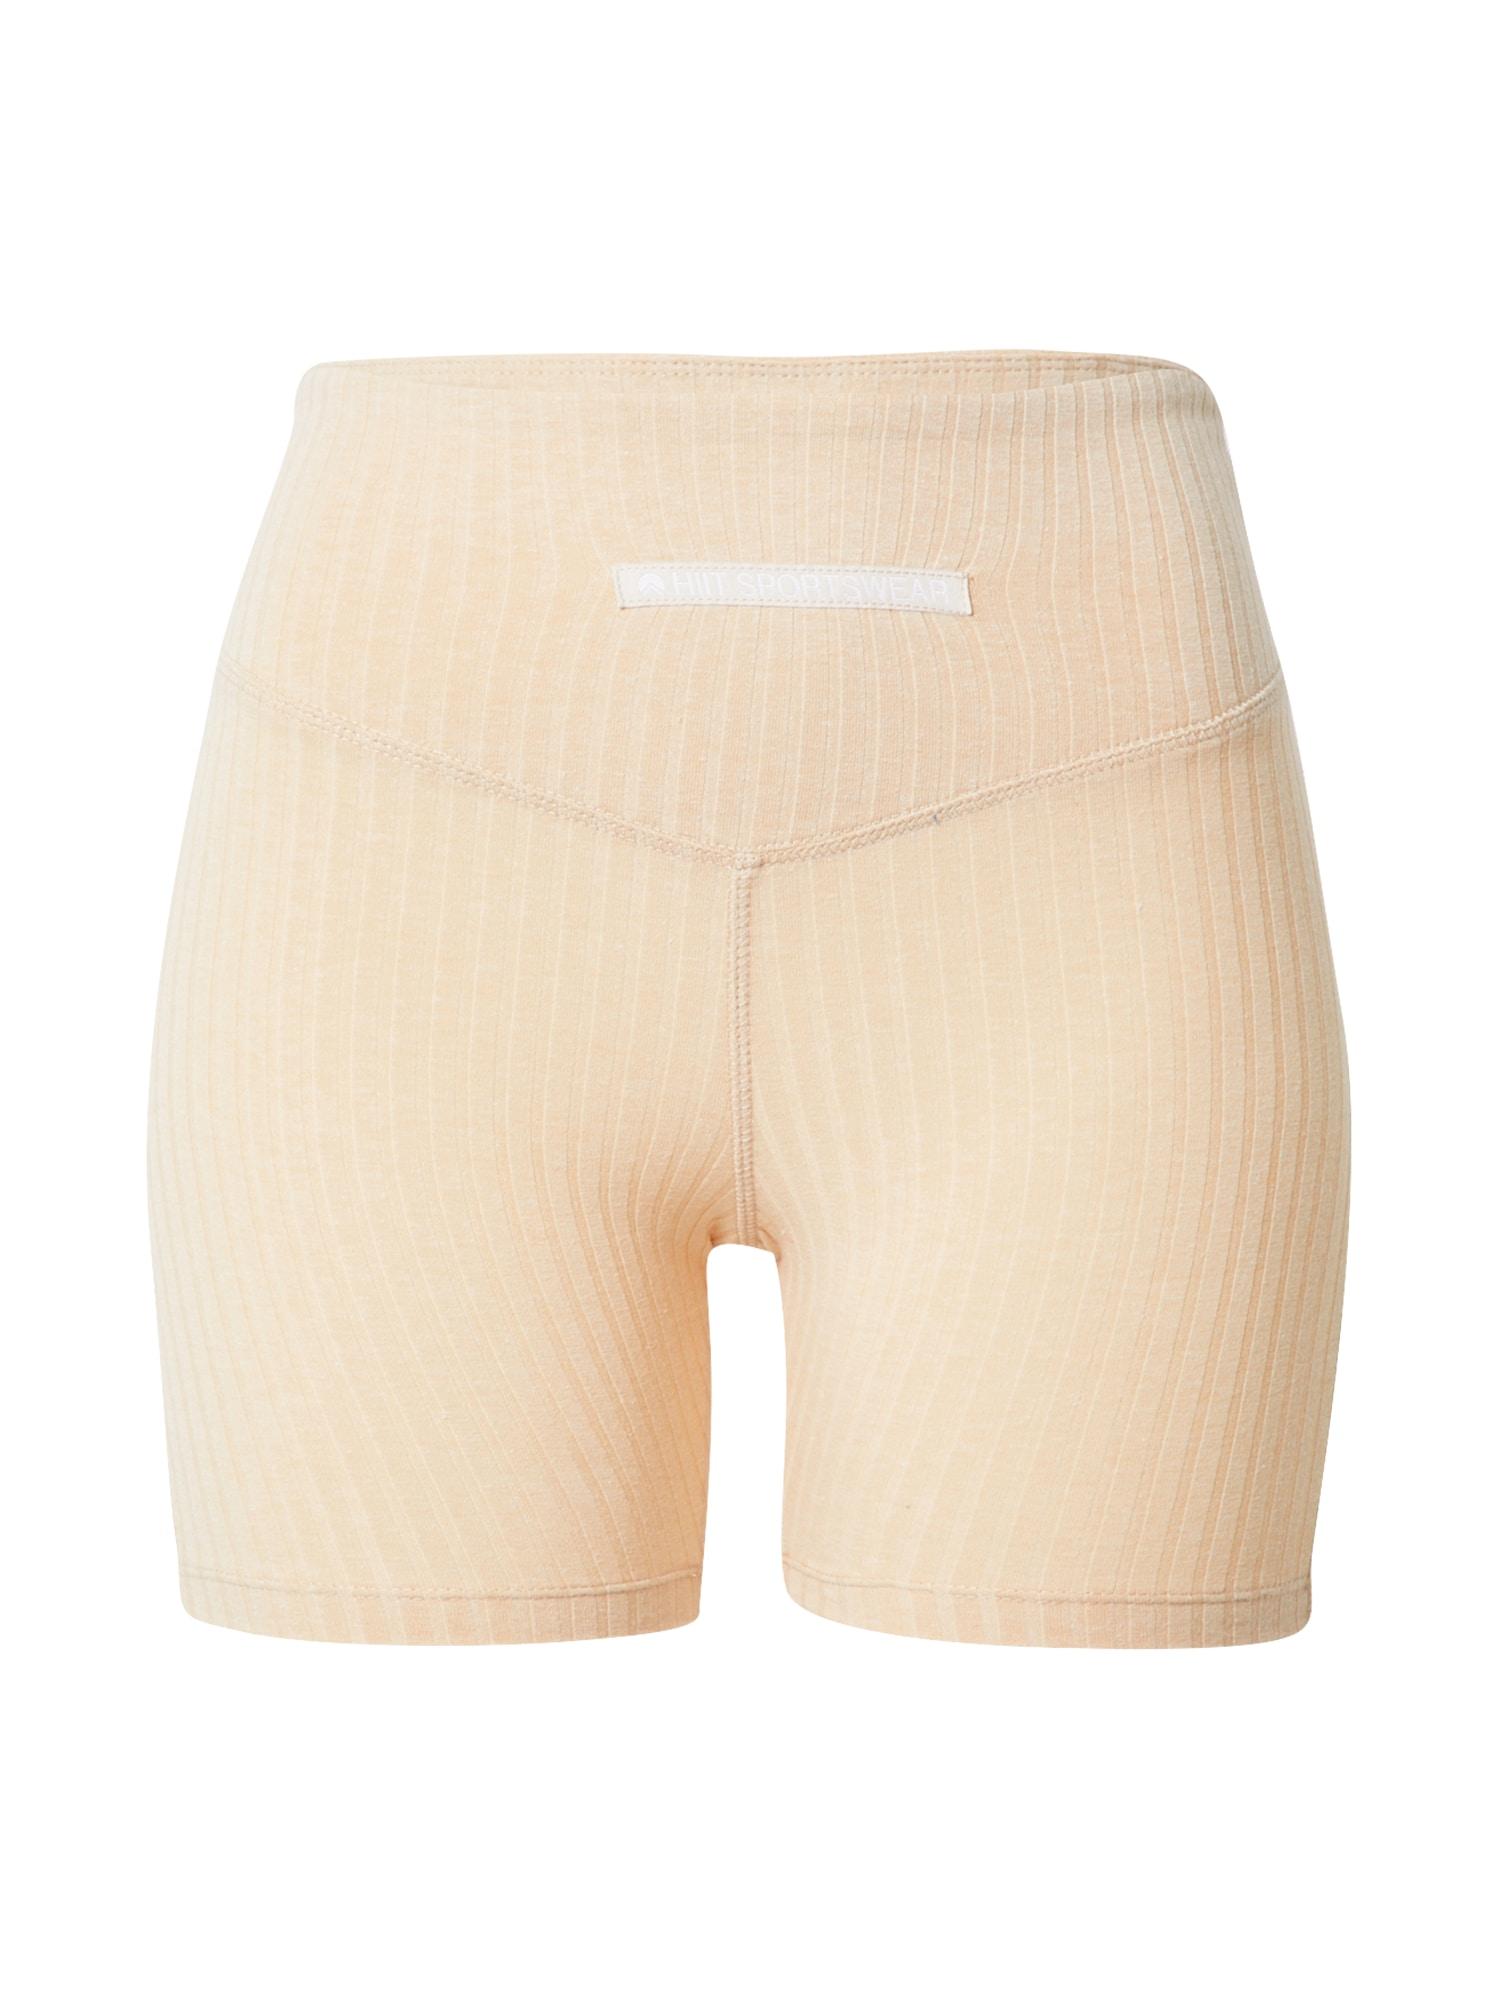 HIIT Sportinės kelnės